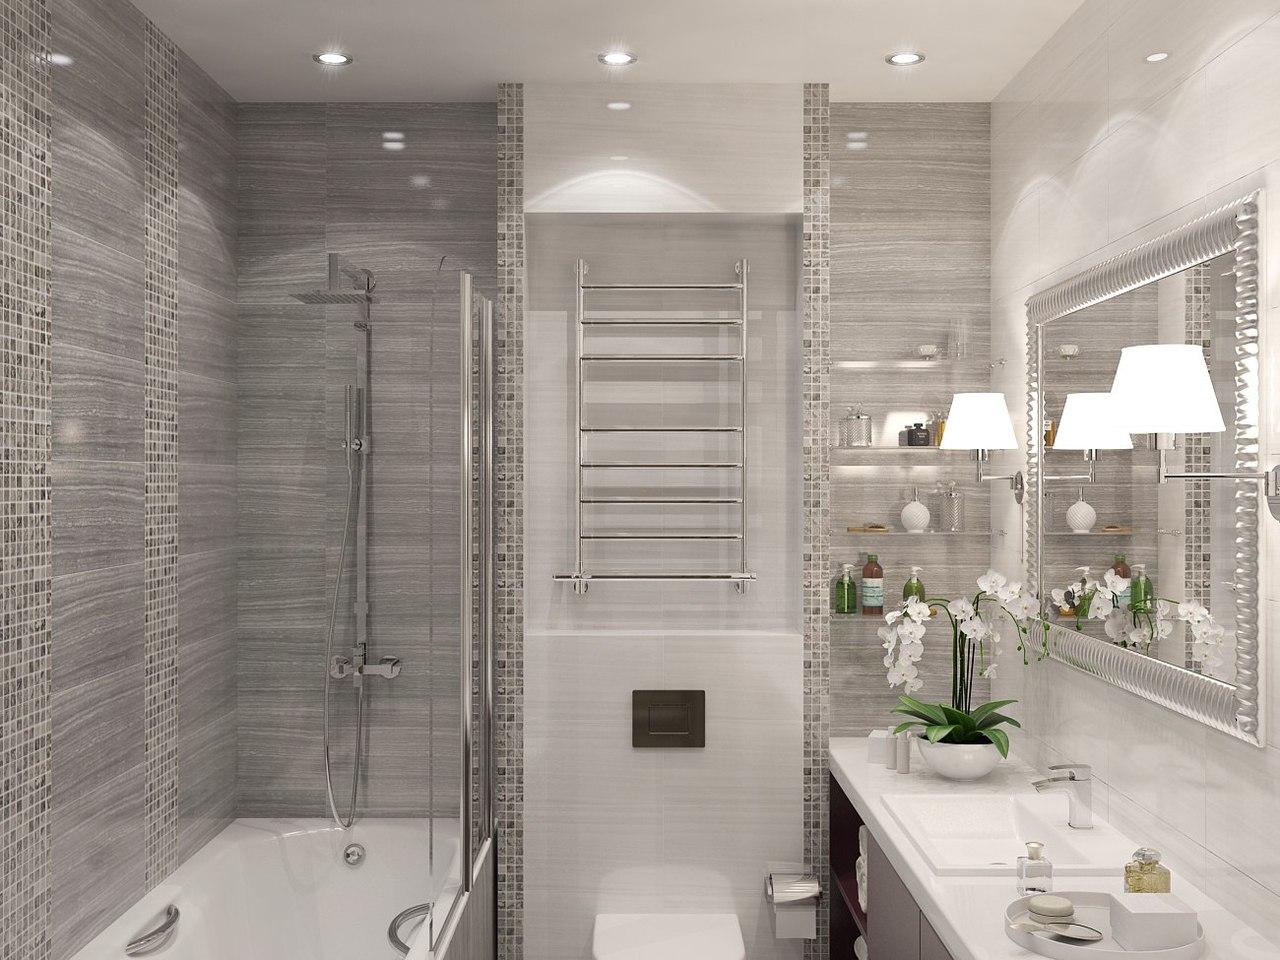 Интерьер ванной комнаты раздельной смеситель утка купить